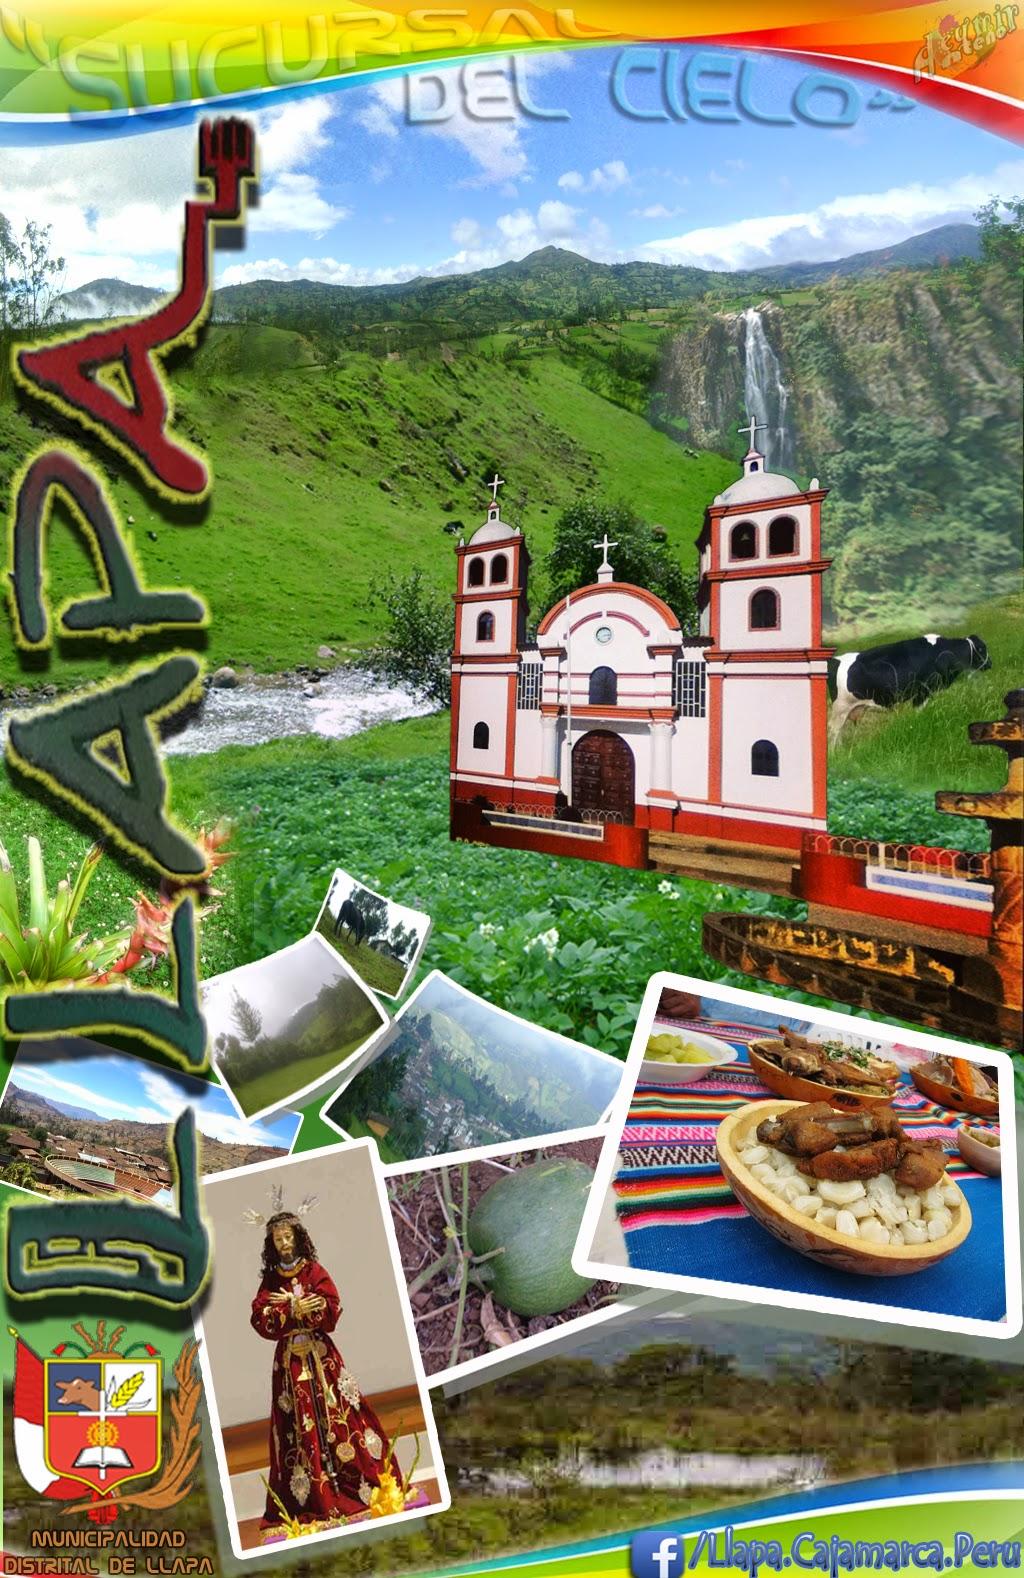 Los esperamos con los brazos abiertos/Visit to Llapa